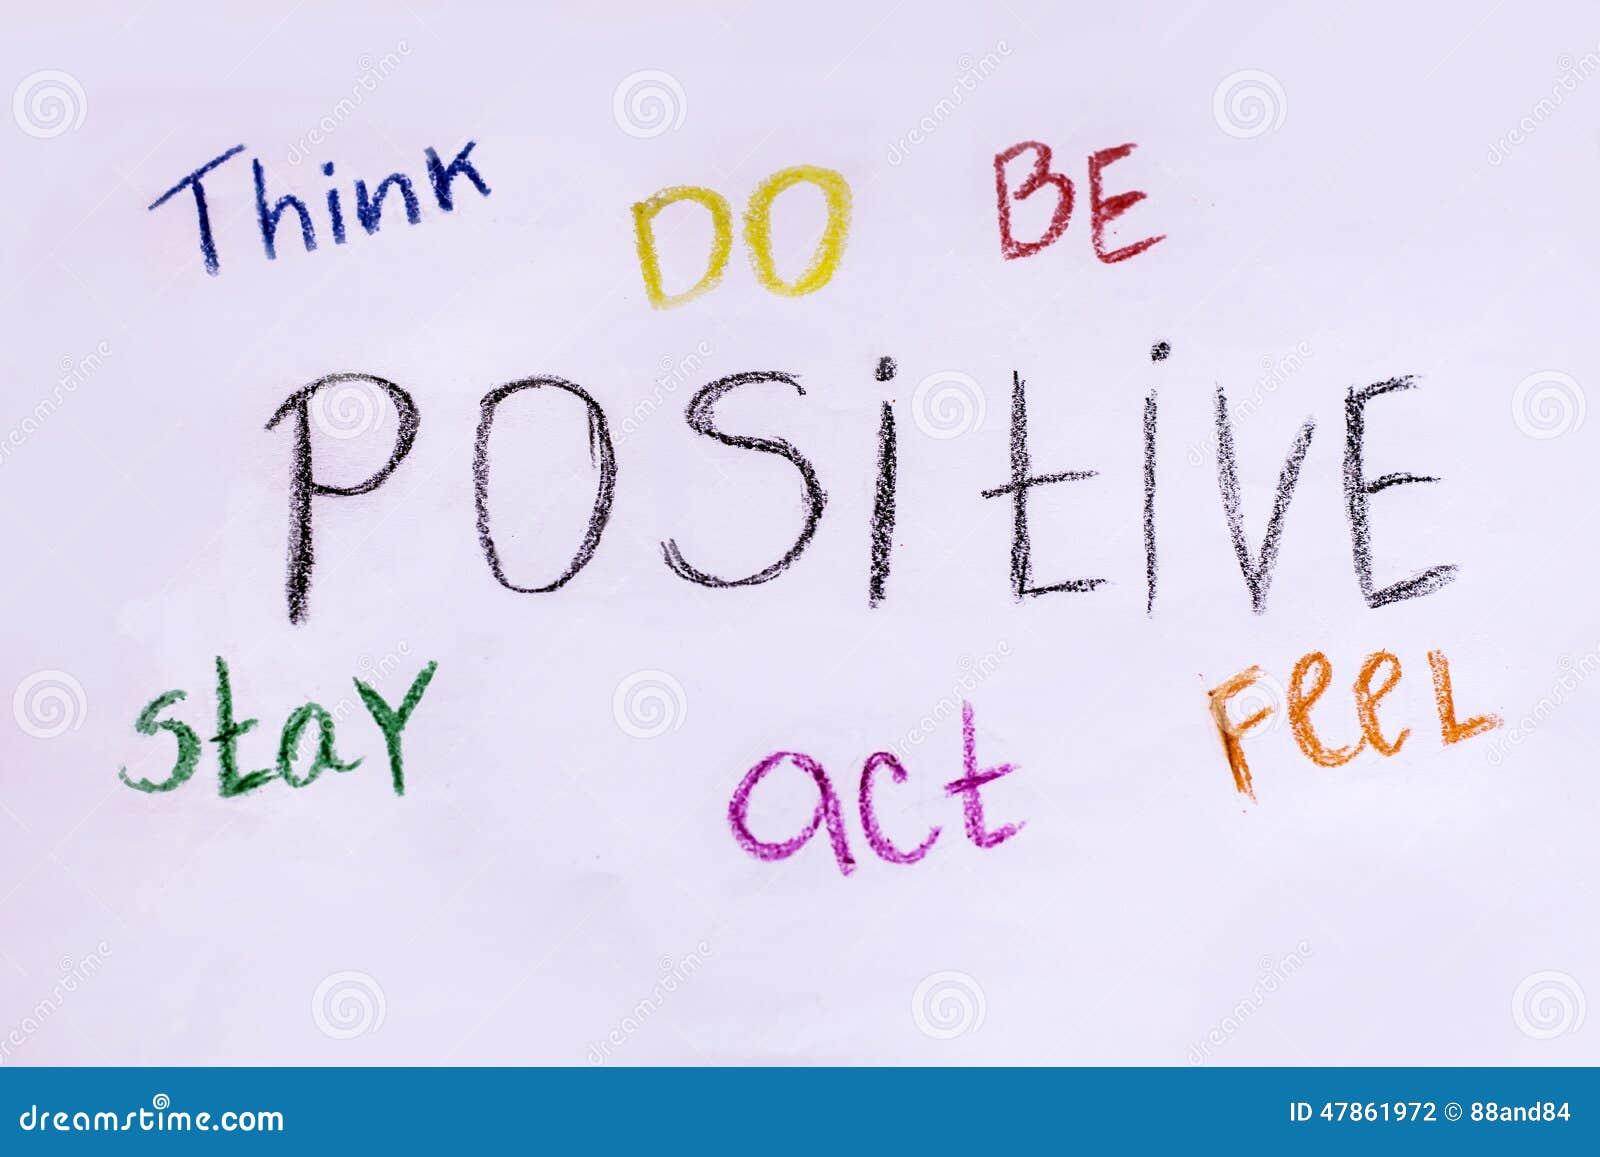 Denk, zijn, blijven, handelen, Positief voelen Motievenslogan